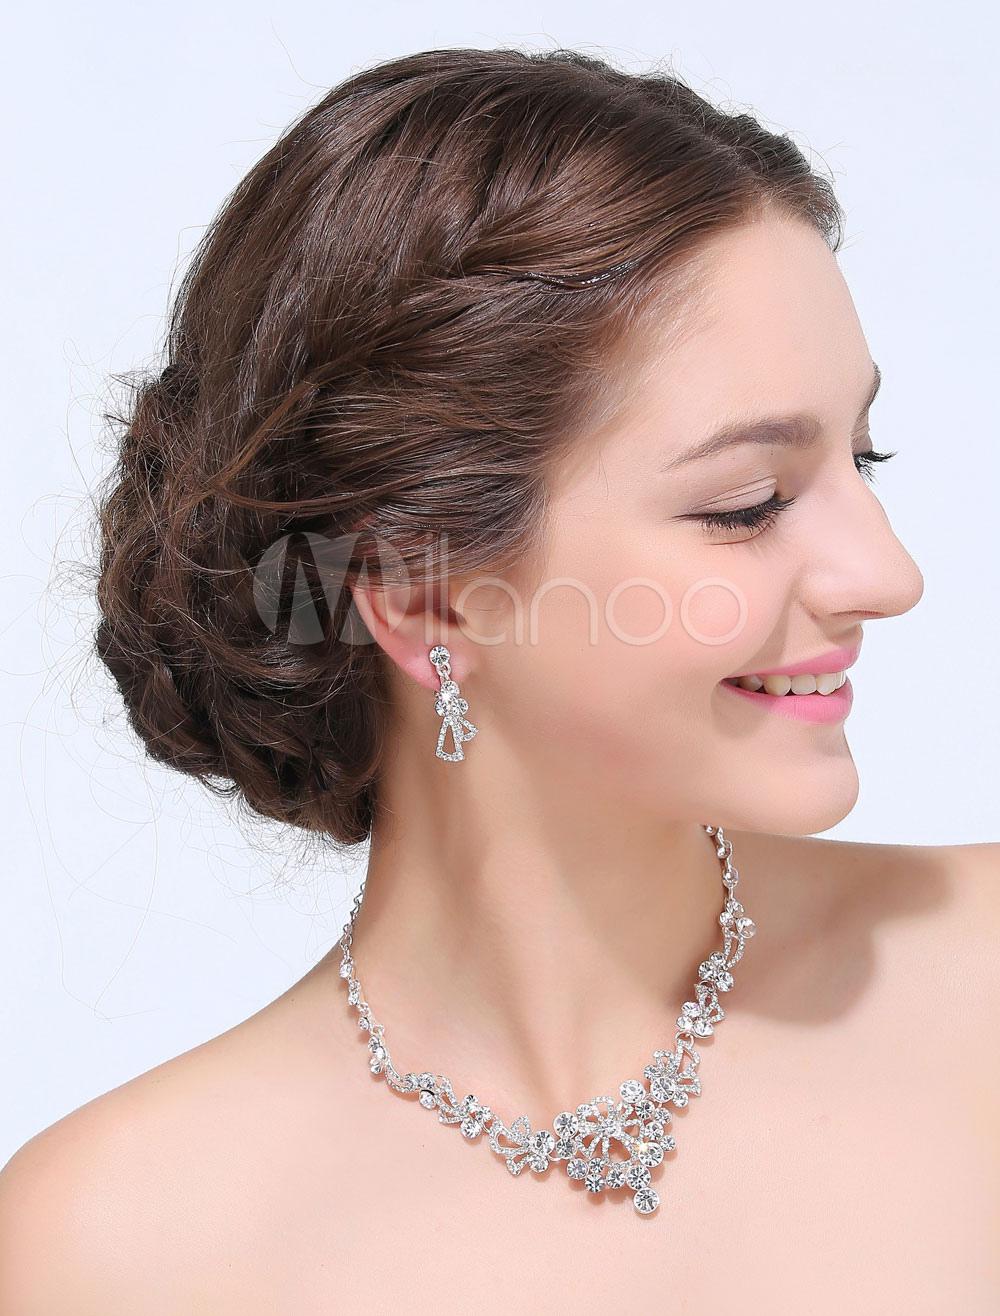 Silver Rhinestone 2-Piece Alloy Wedding Jewelry Set